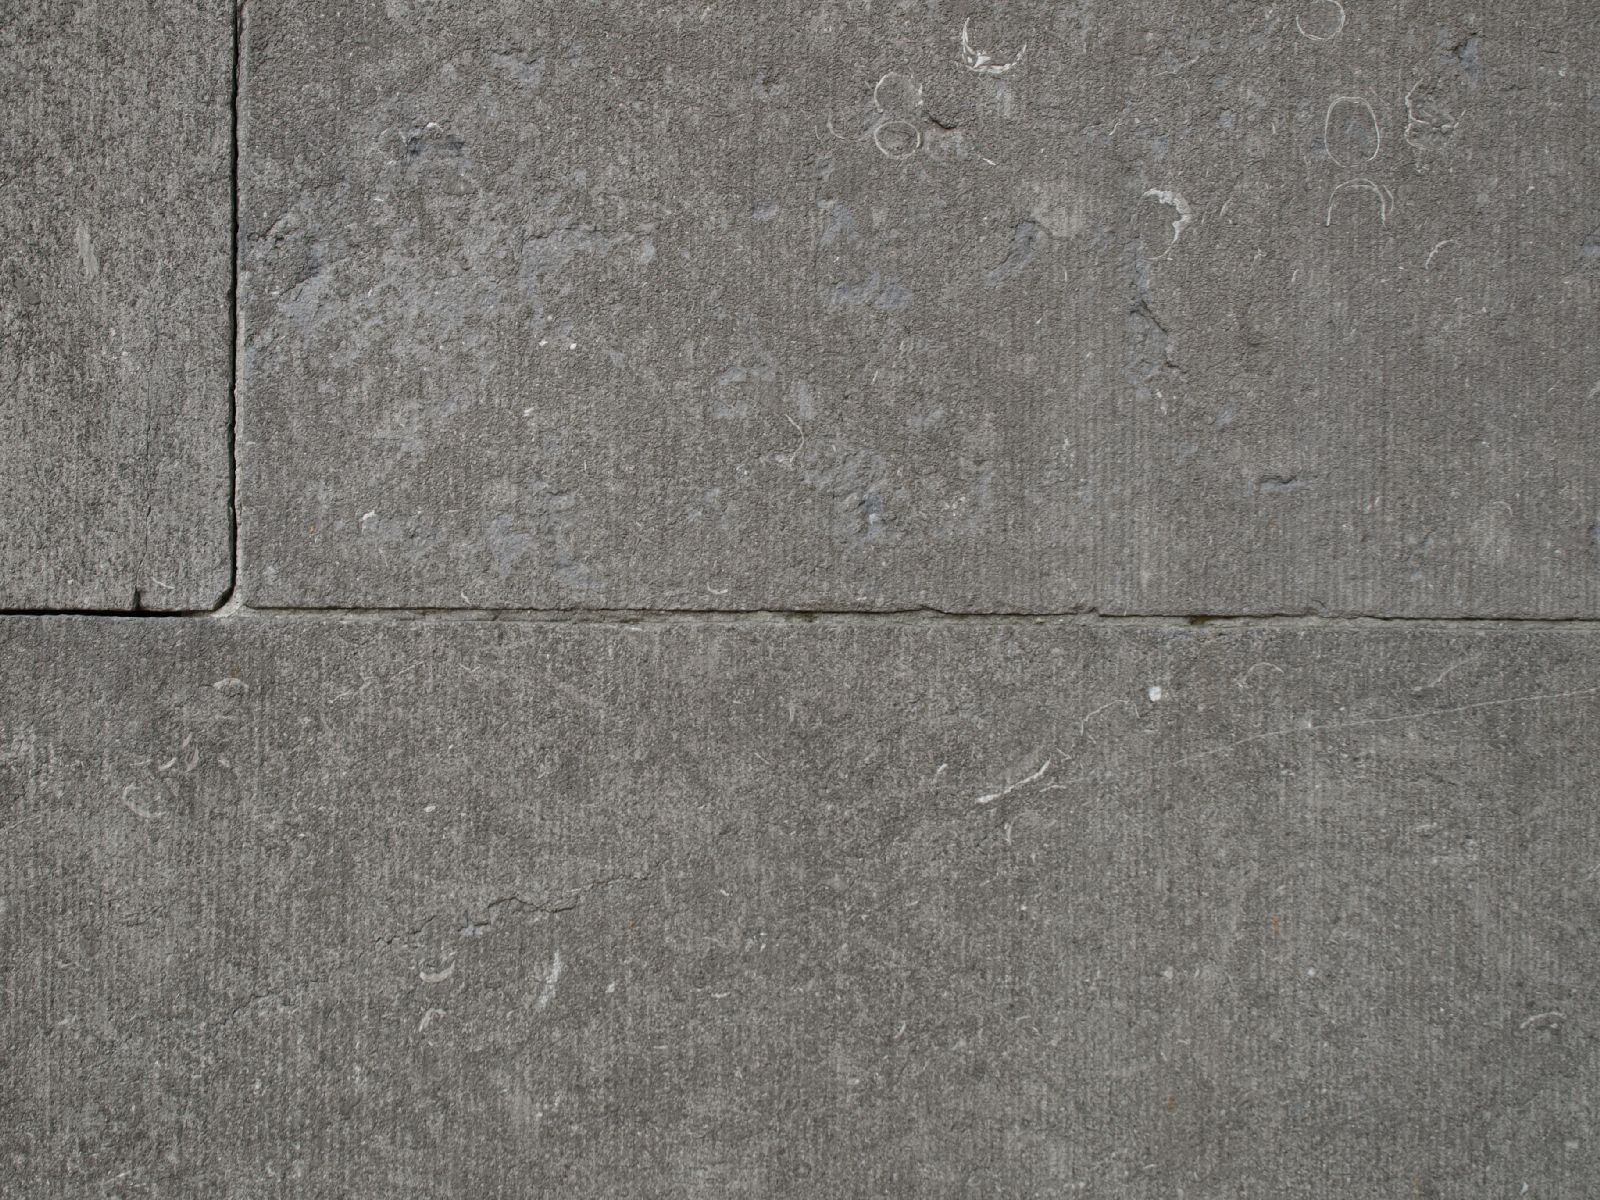 Wand-Steinbloecke-Quader_Textur_A_P6223598